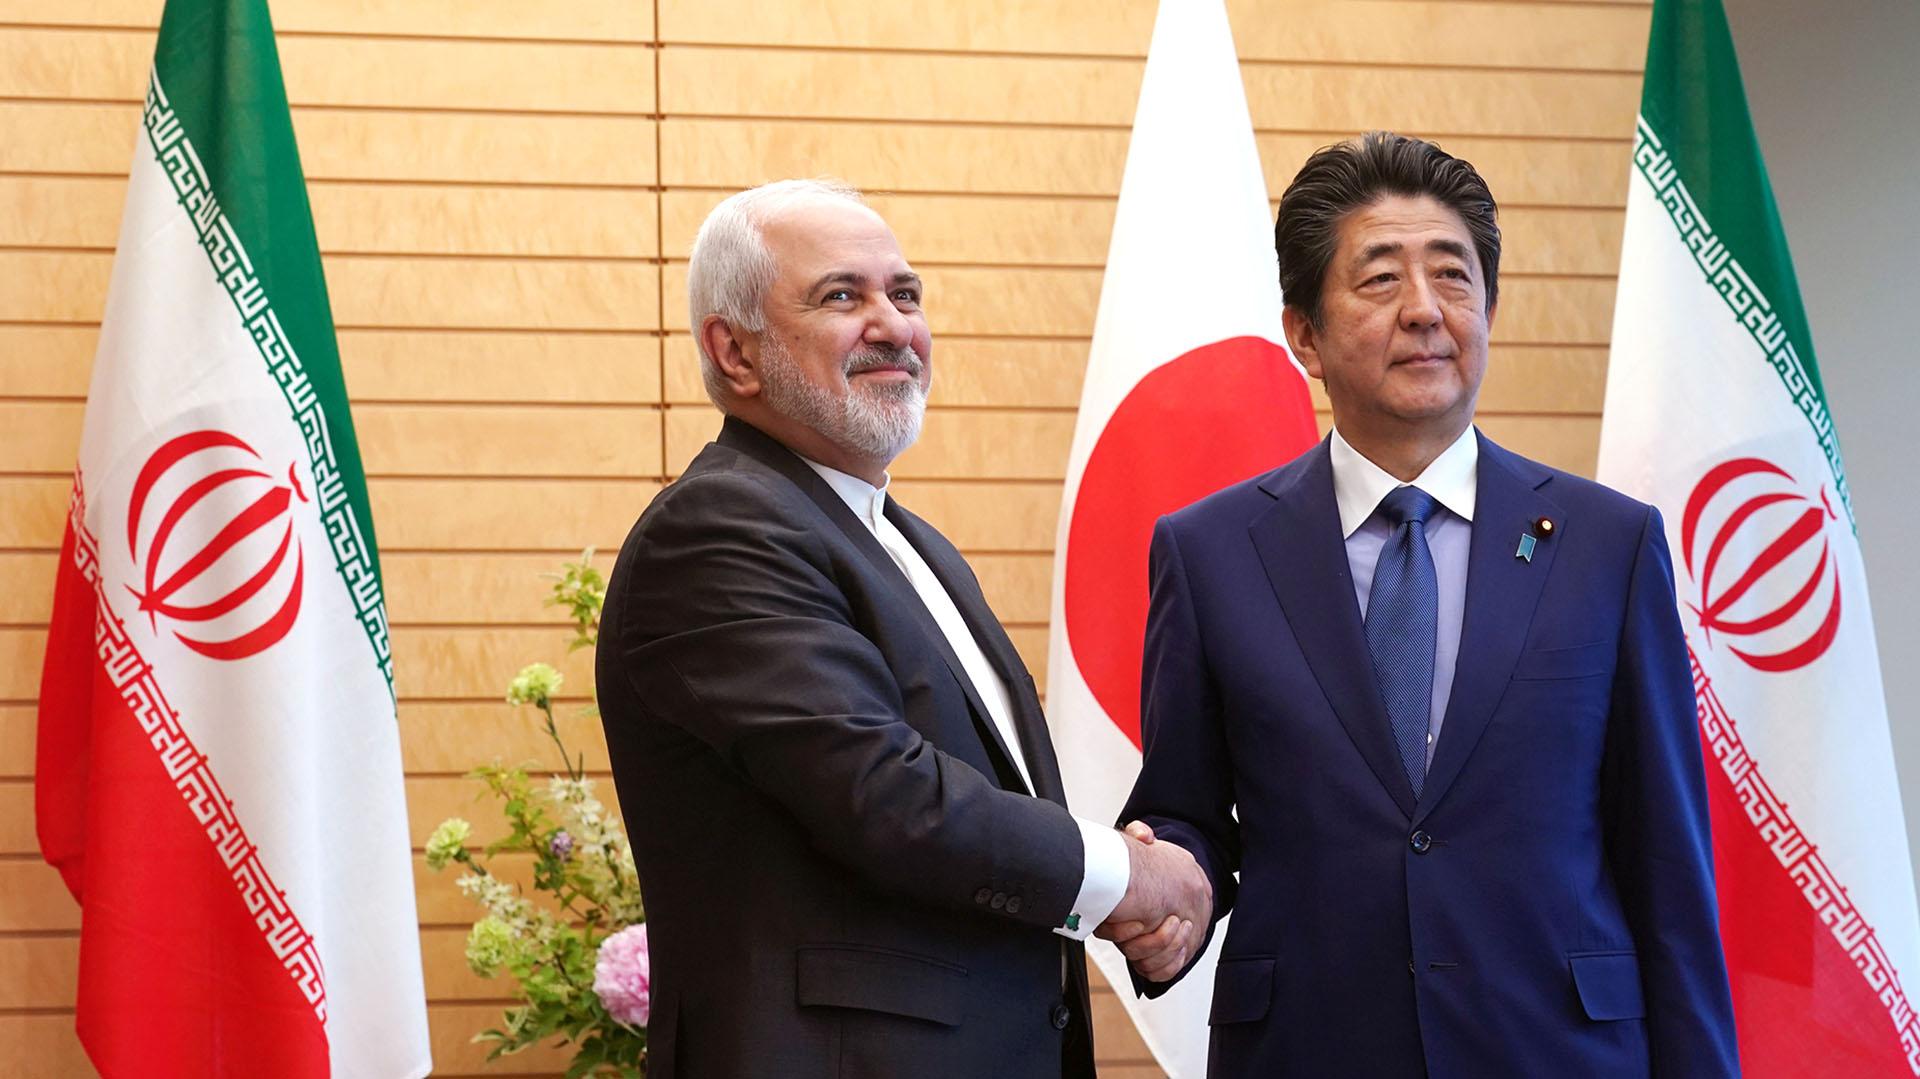 El canciller iraní Mohammad Javad Zarif junto al primer ministro de Japón, Shinzo Abre (Reuters)